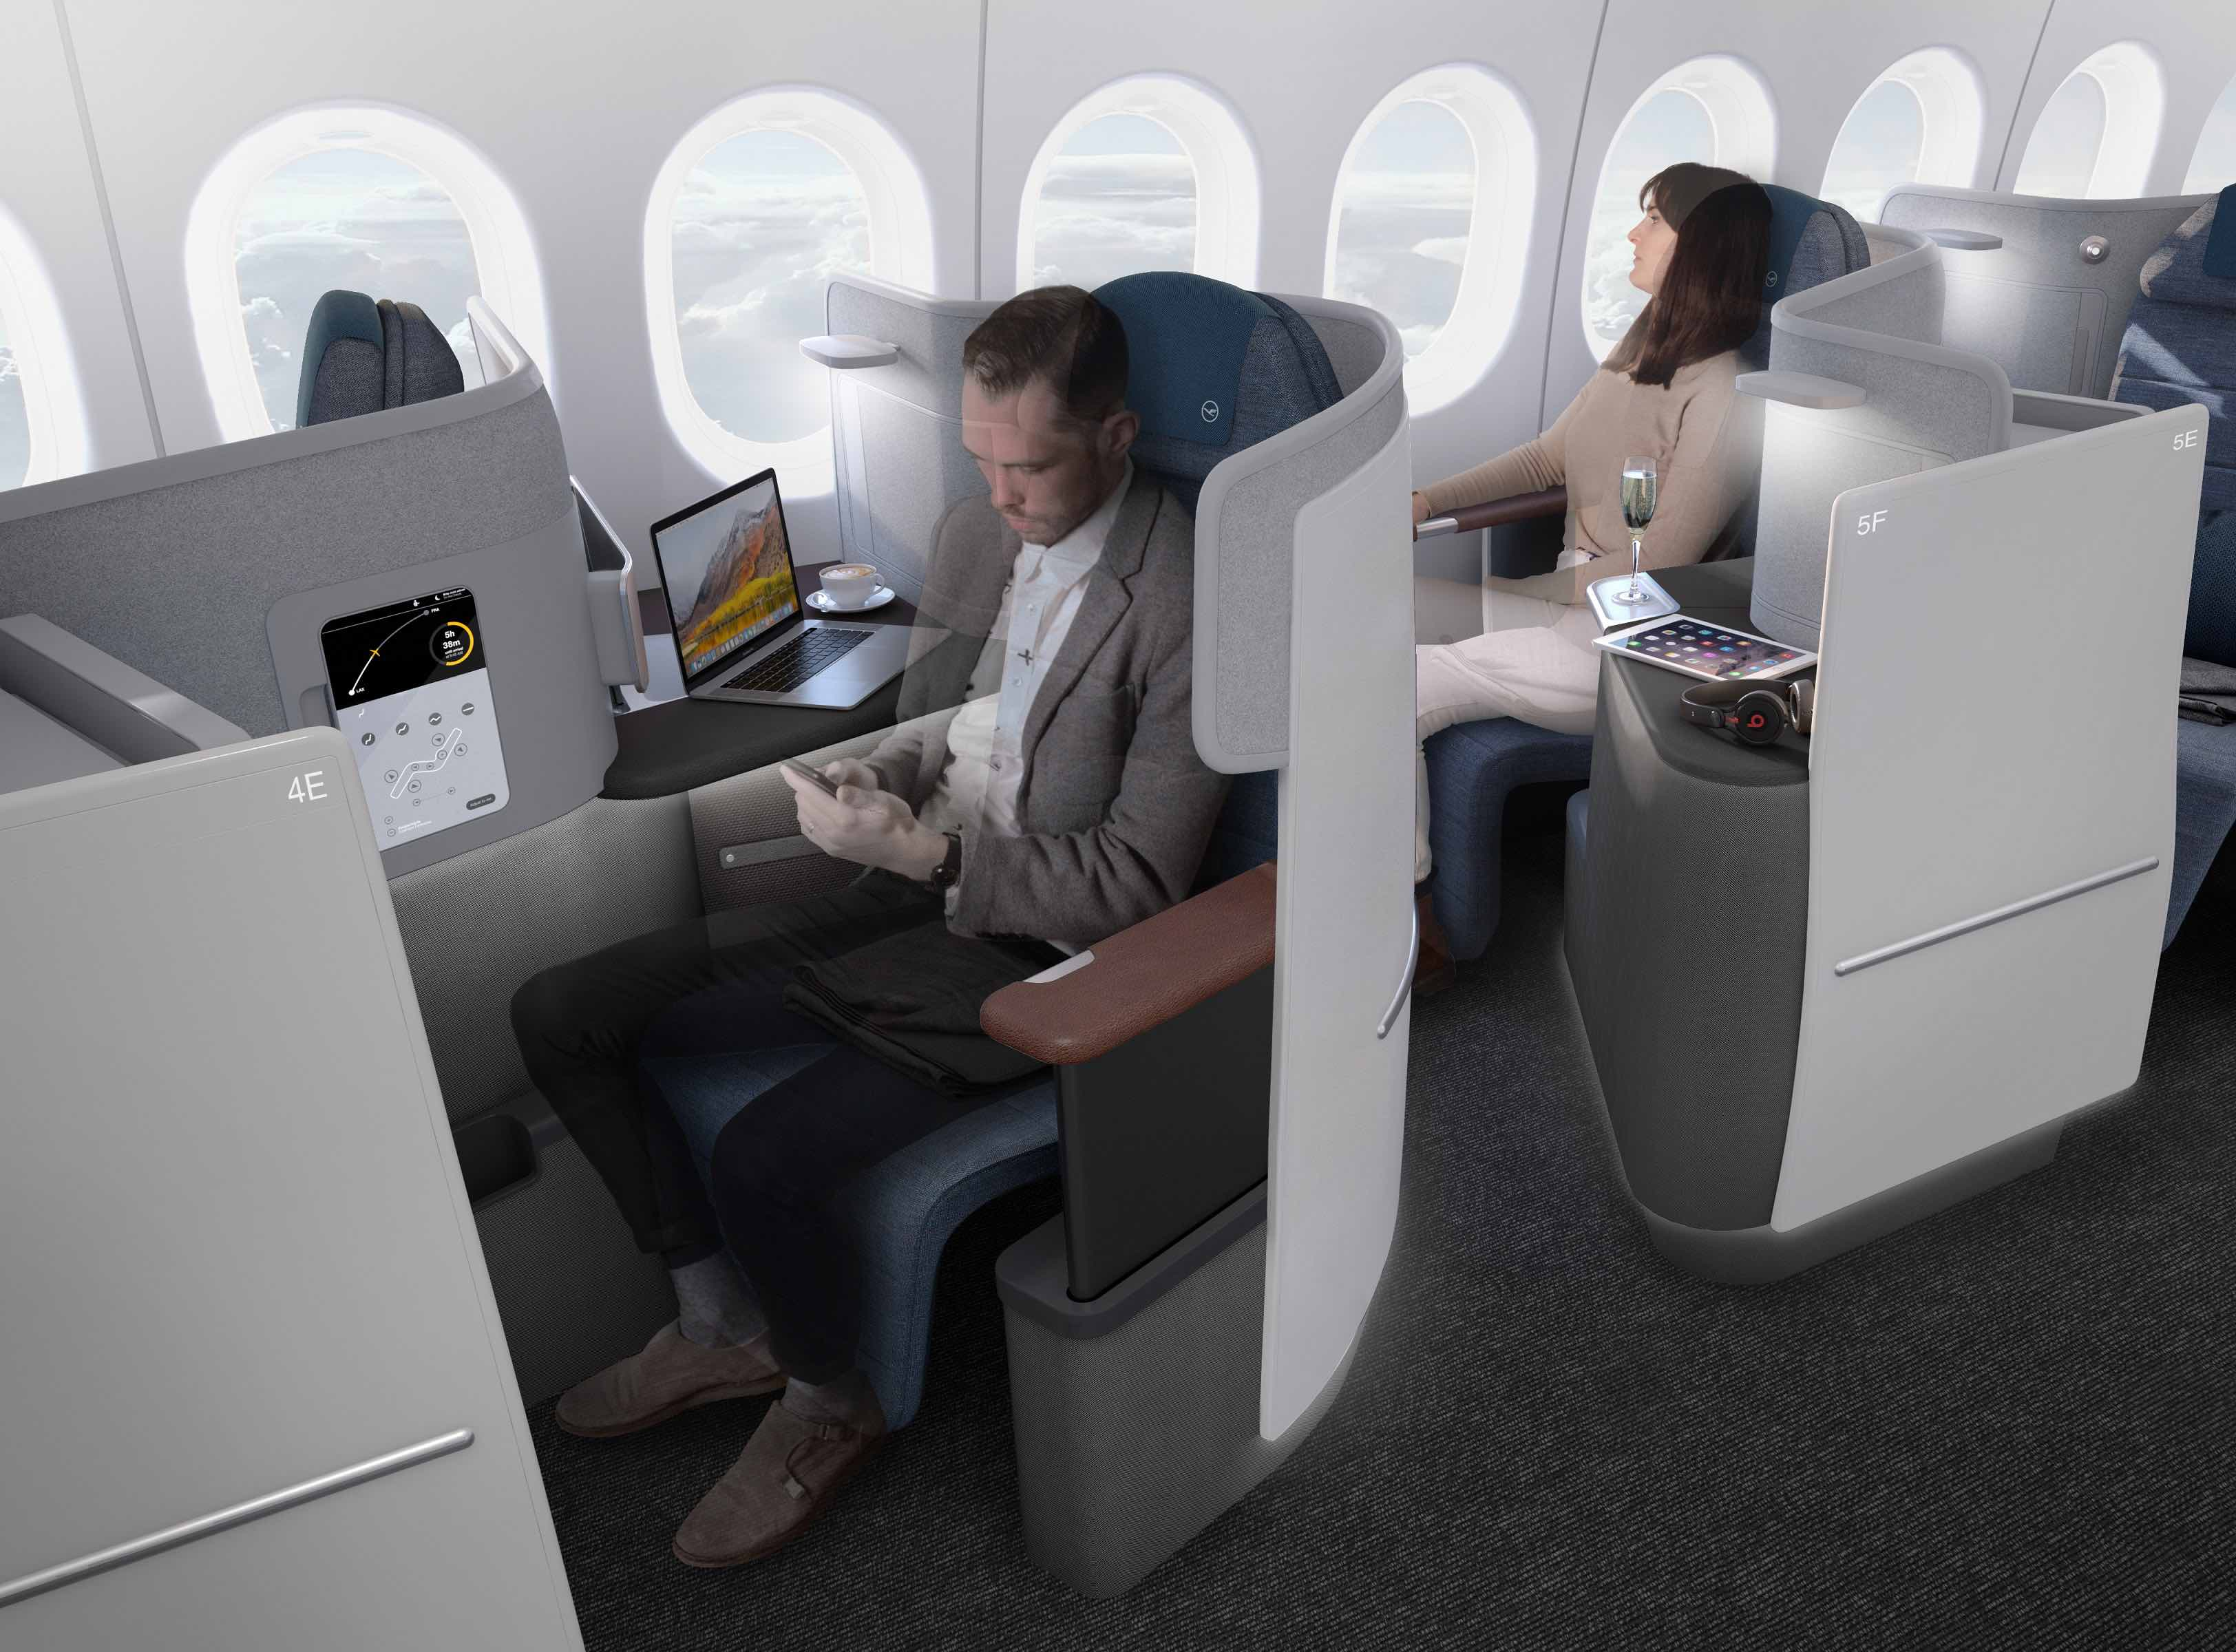 ルフトハンザ航空が新ビジネスクラスを導入、自分のスマホで機内エンタメ操作も、2020年からボーイング777-9に